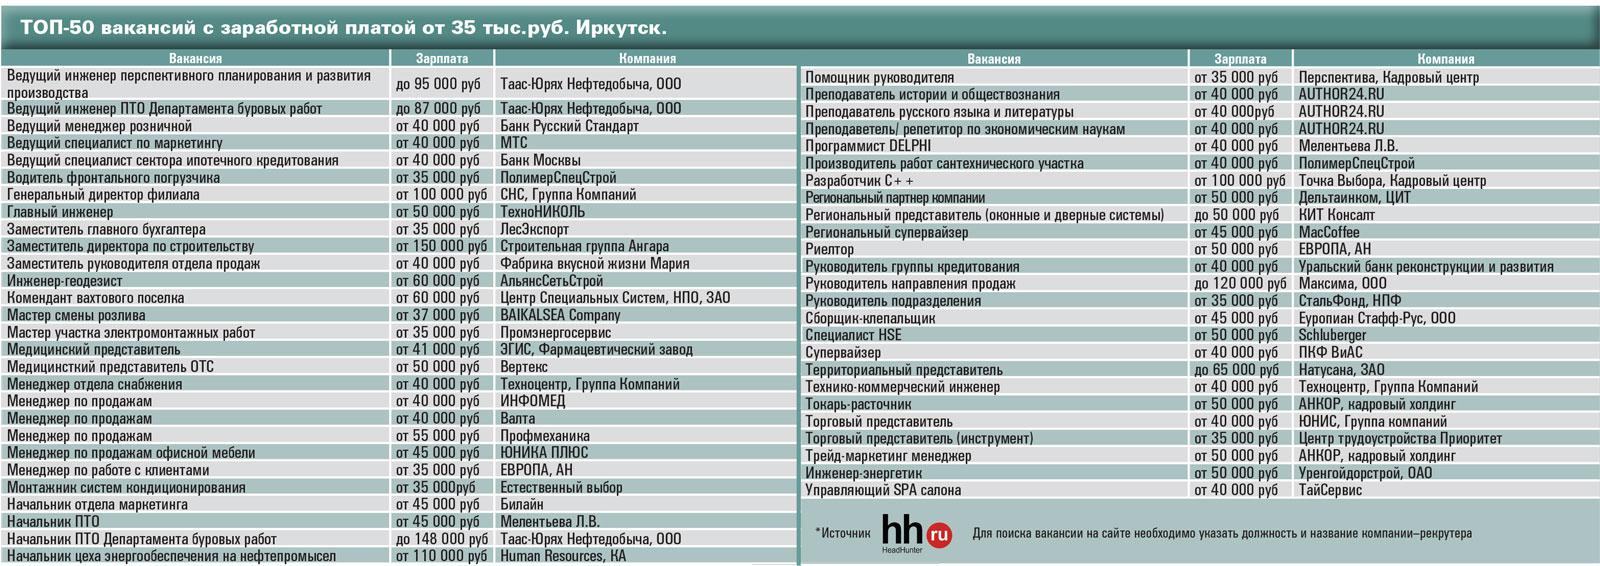 meditsinskiy-tsentr-irkutsk-vakansii